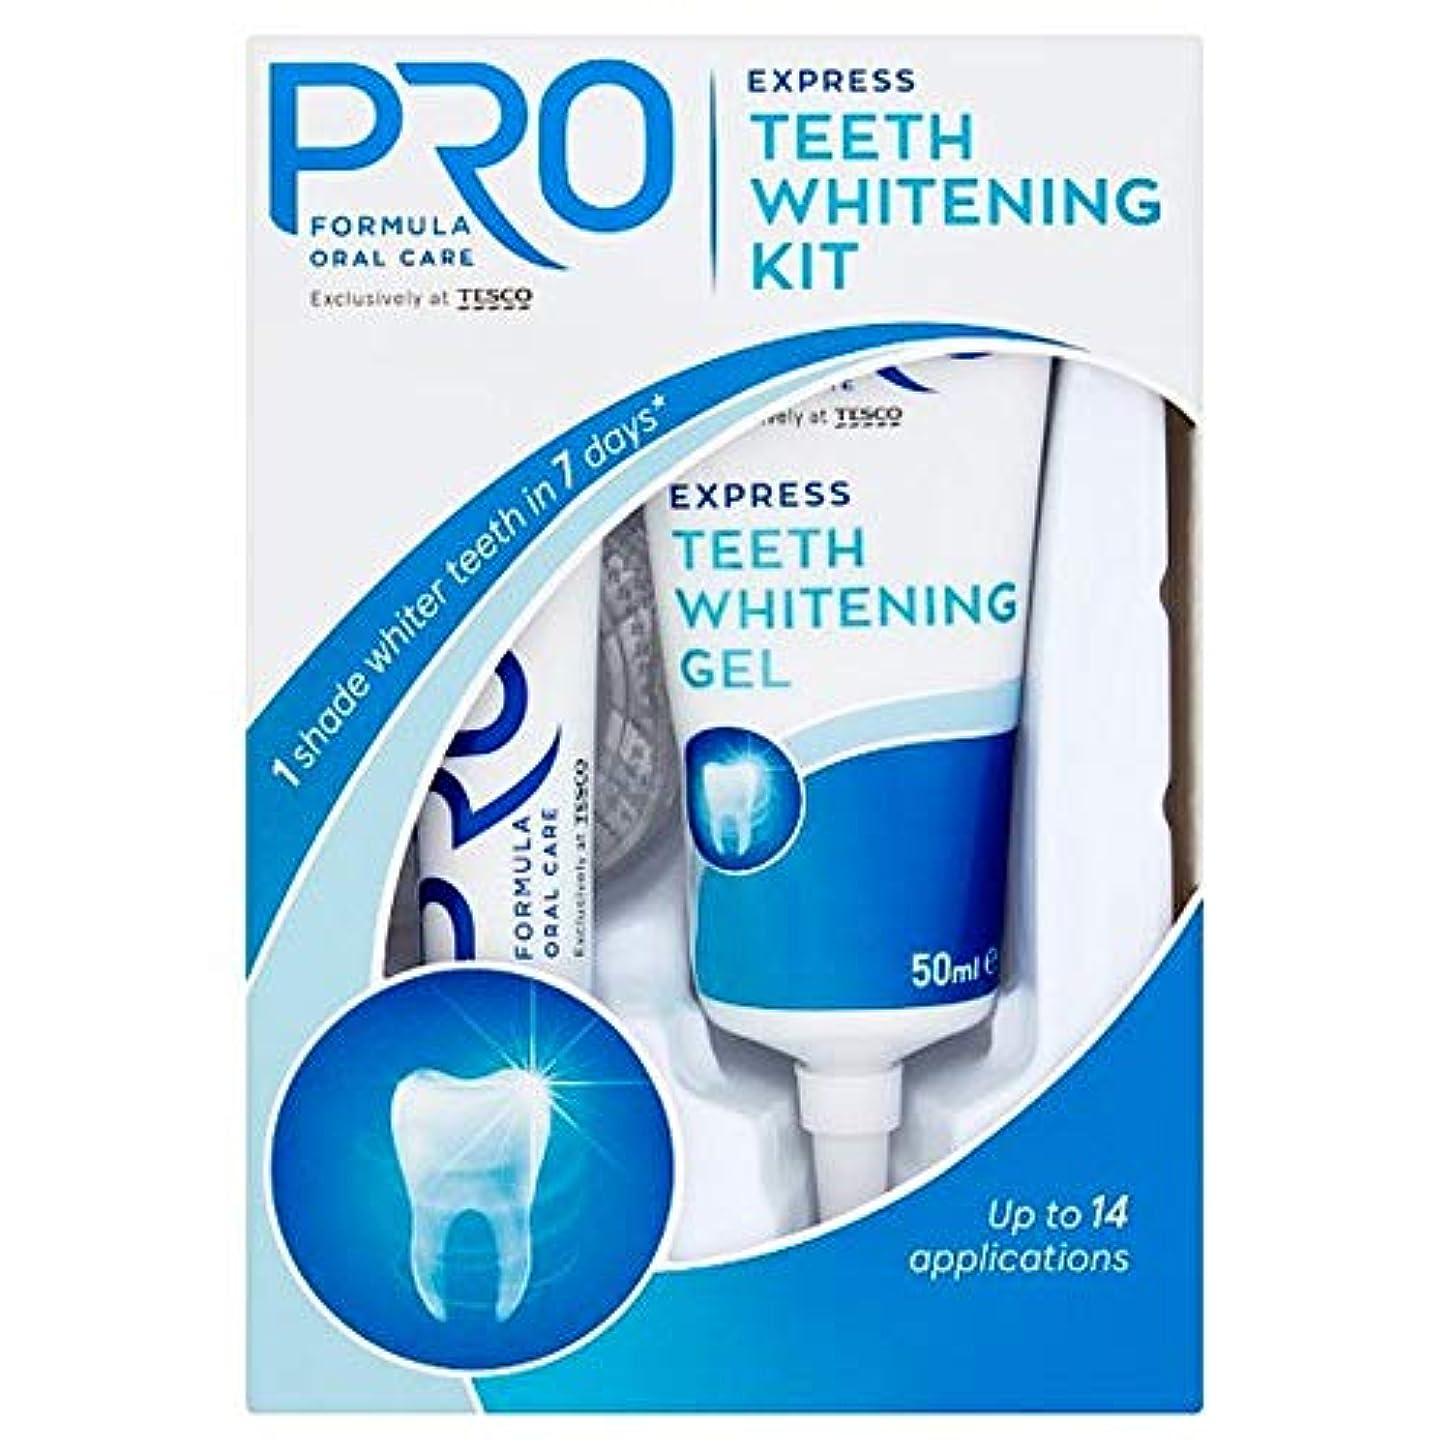 ハンマーラフ睡眠アクティブ[Pro Formula] キット66 Mlのホワイトニングプロ式歯 - Pro Formula Teeth Whitening Kit 66 Ml [並行輸入品]